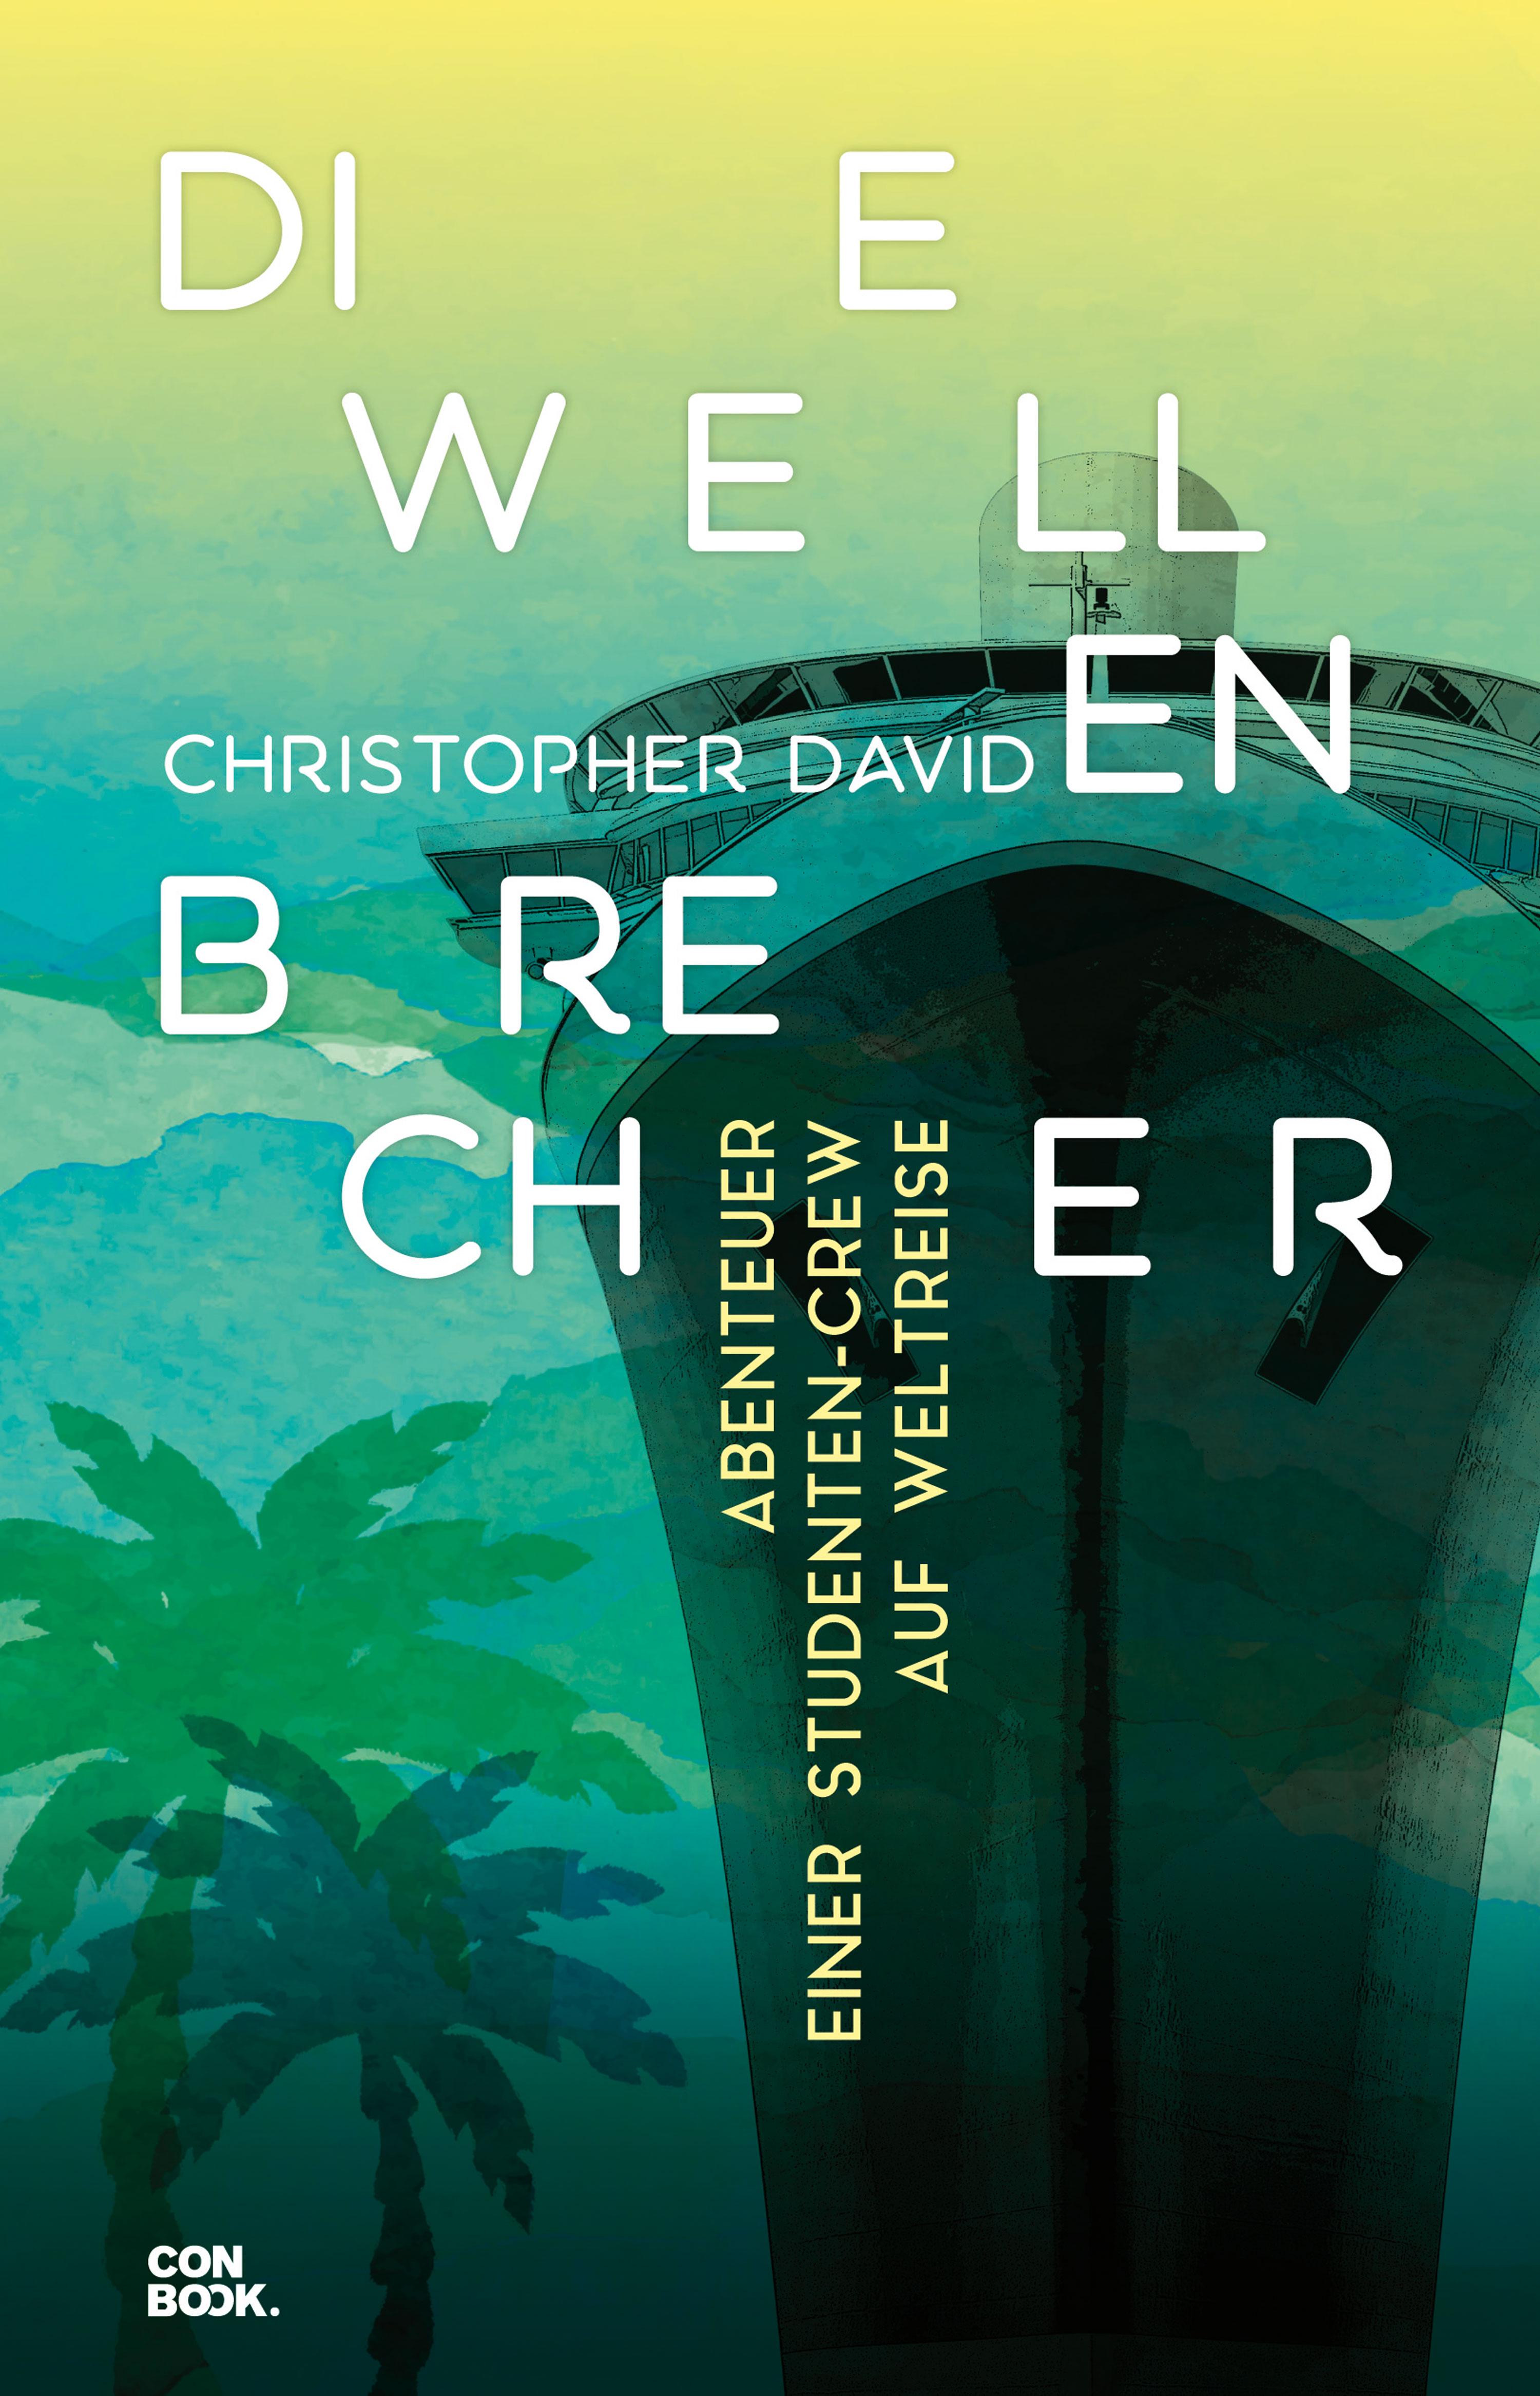 """In Zusammenarbeit mit dem CONBOOK-Verlag starten wir eine Verlosung von drei Paketen, bestehend aus dem Buch """"Die Wellenbrecher"""" von Christopher David sowie einem dazu passenden blanko Reisetagebuch der Serie Grand Voyage von Semikolon."""